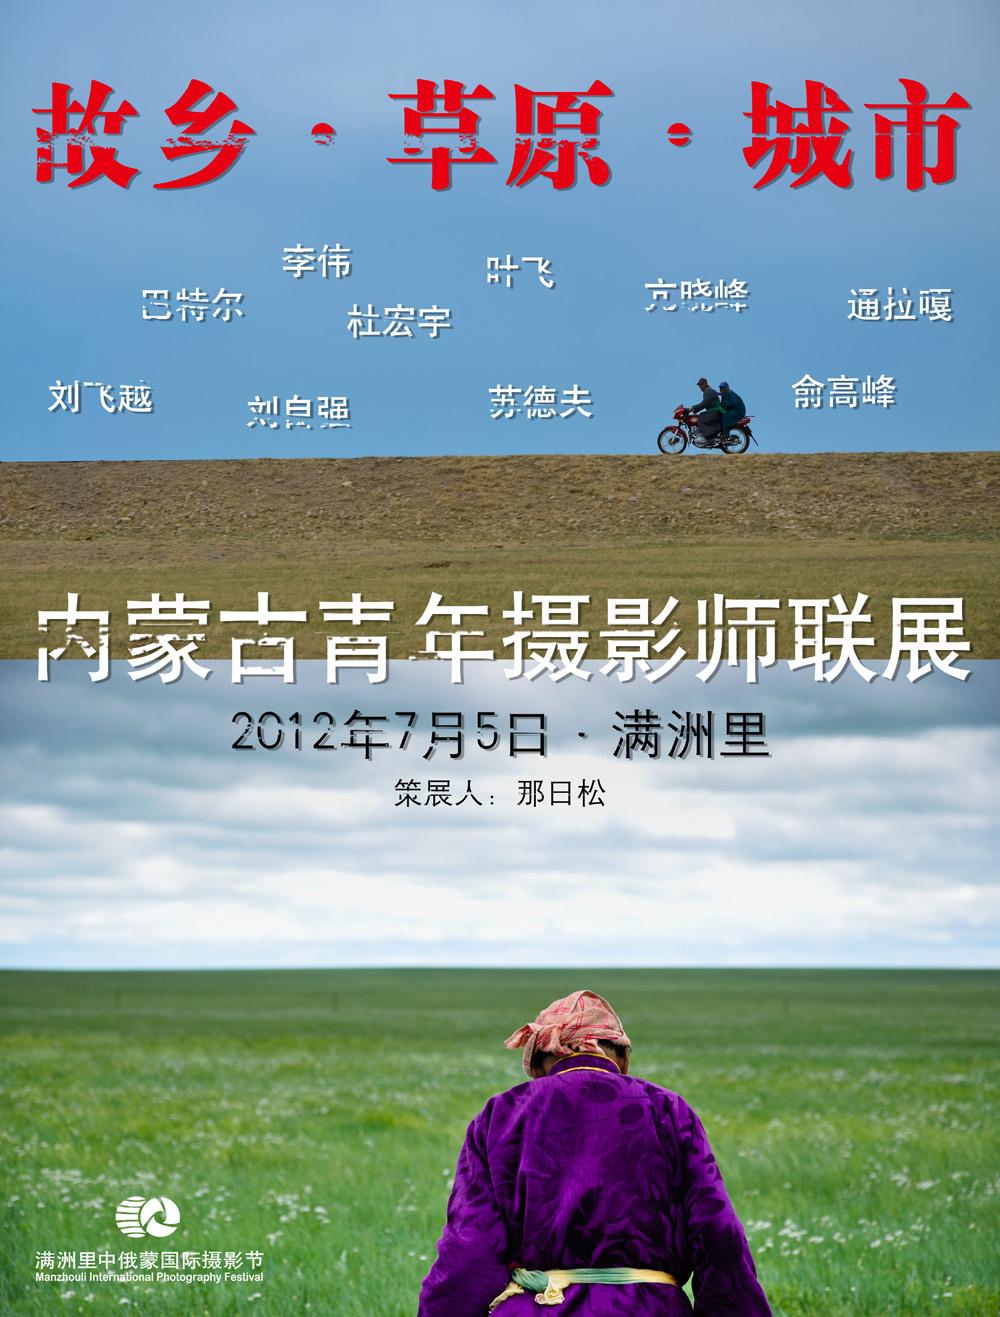 2012-满洲里摄影节-青年摄影师-海报2-0.6X0.79x.jpg